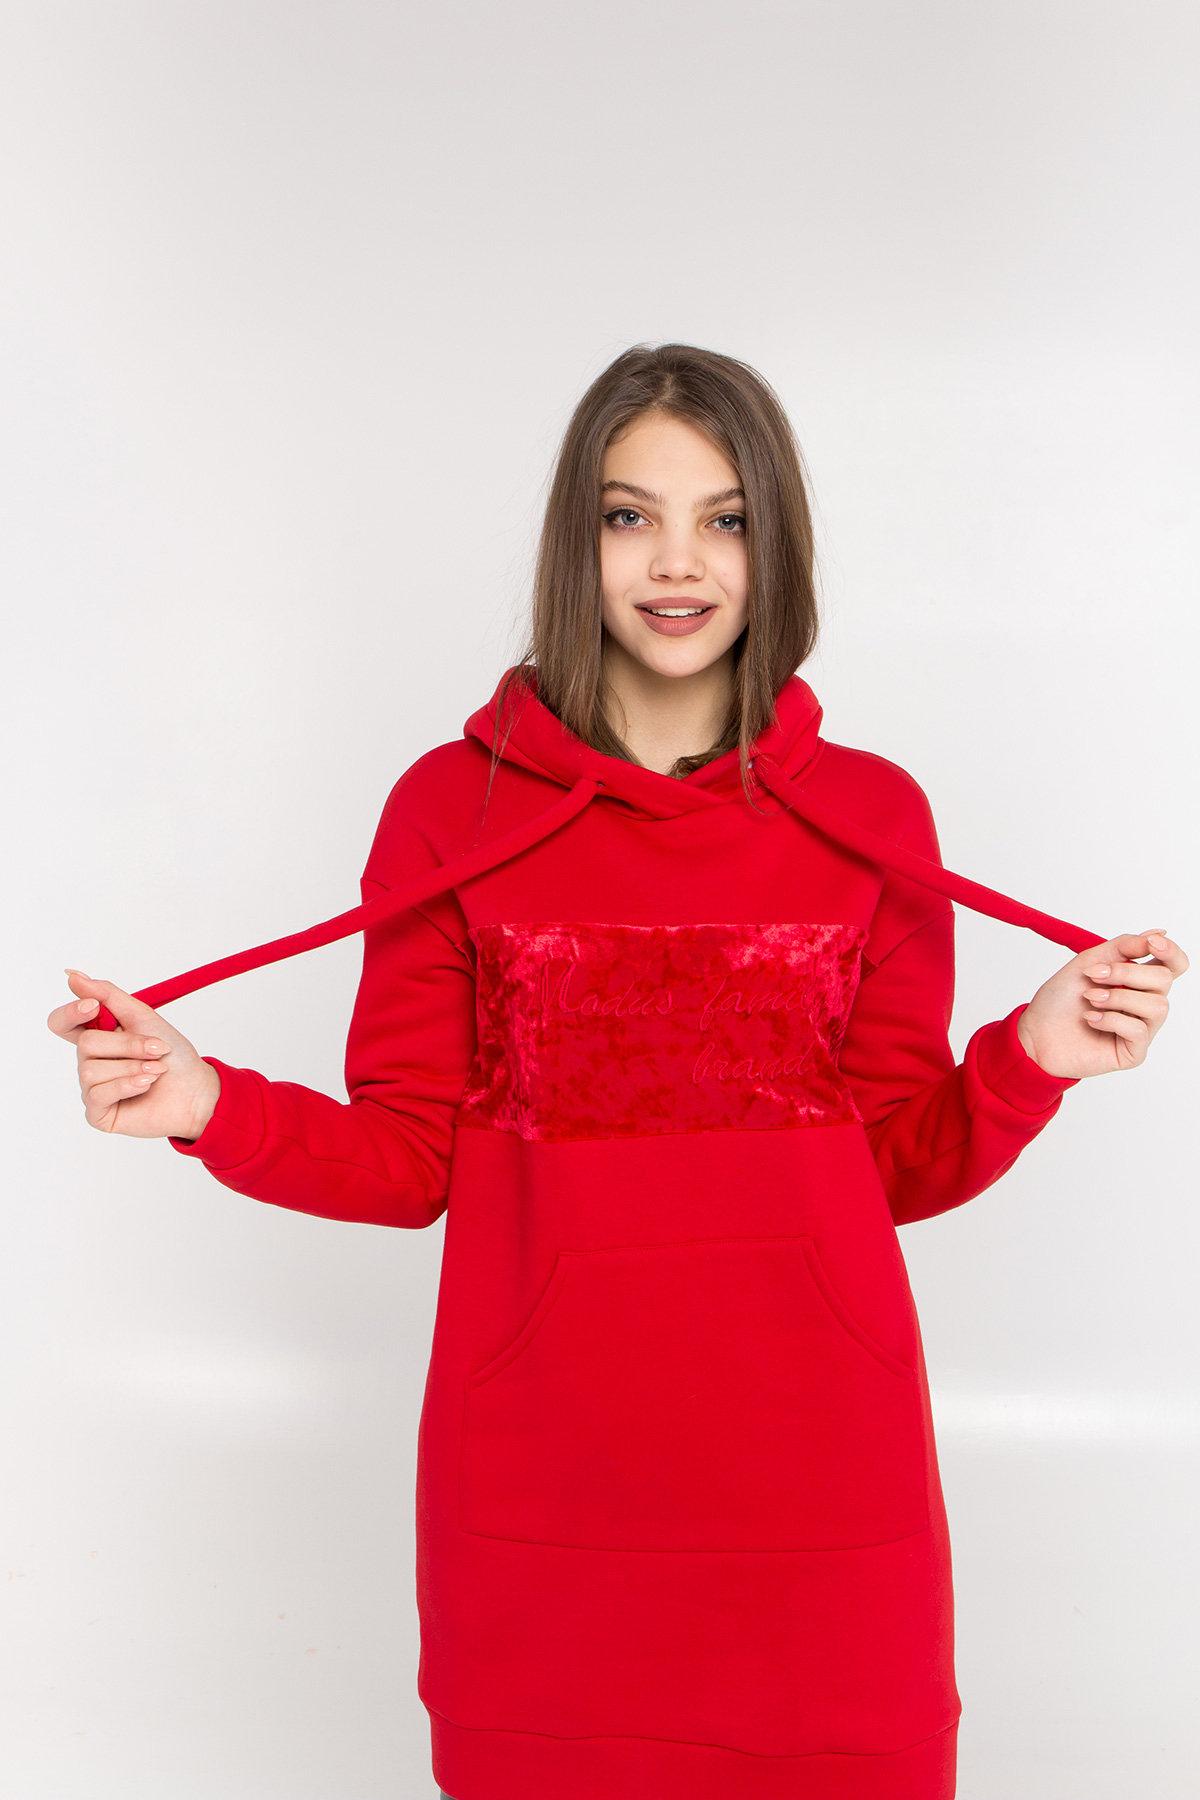 Платье худи Томми 8703 АРТ. 45100 Цвет: Красный/красный - фото 4, интернет магазин tm-modus.ru